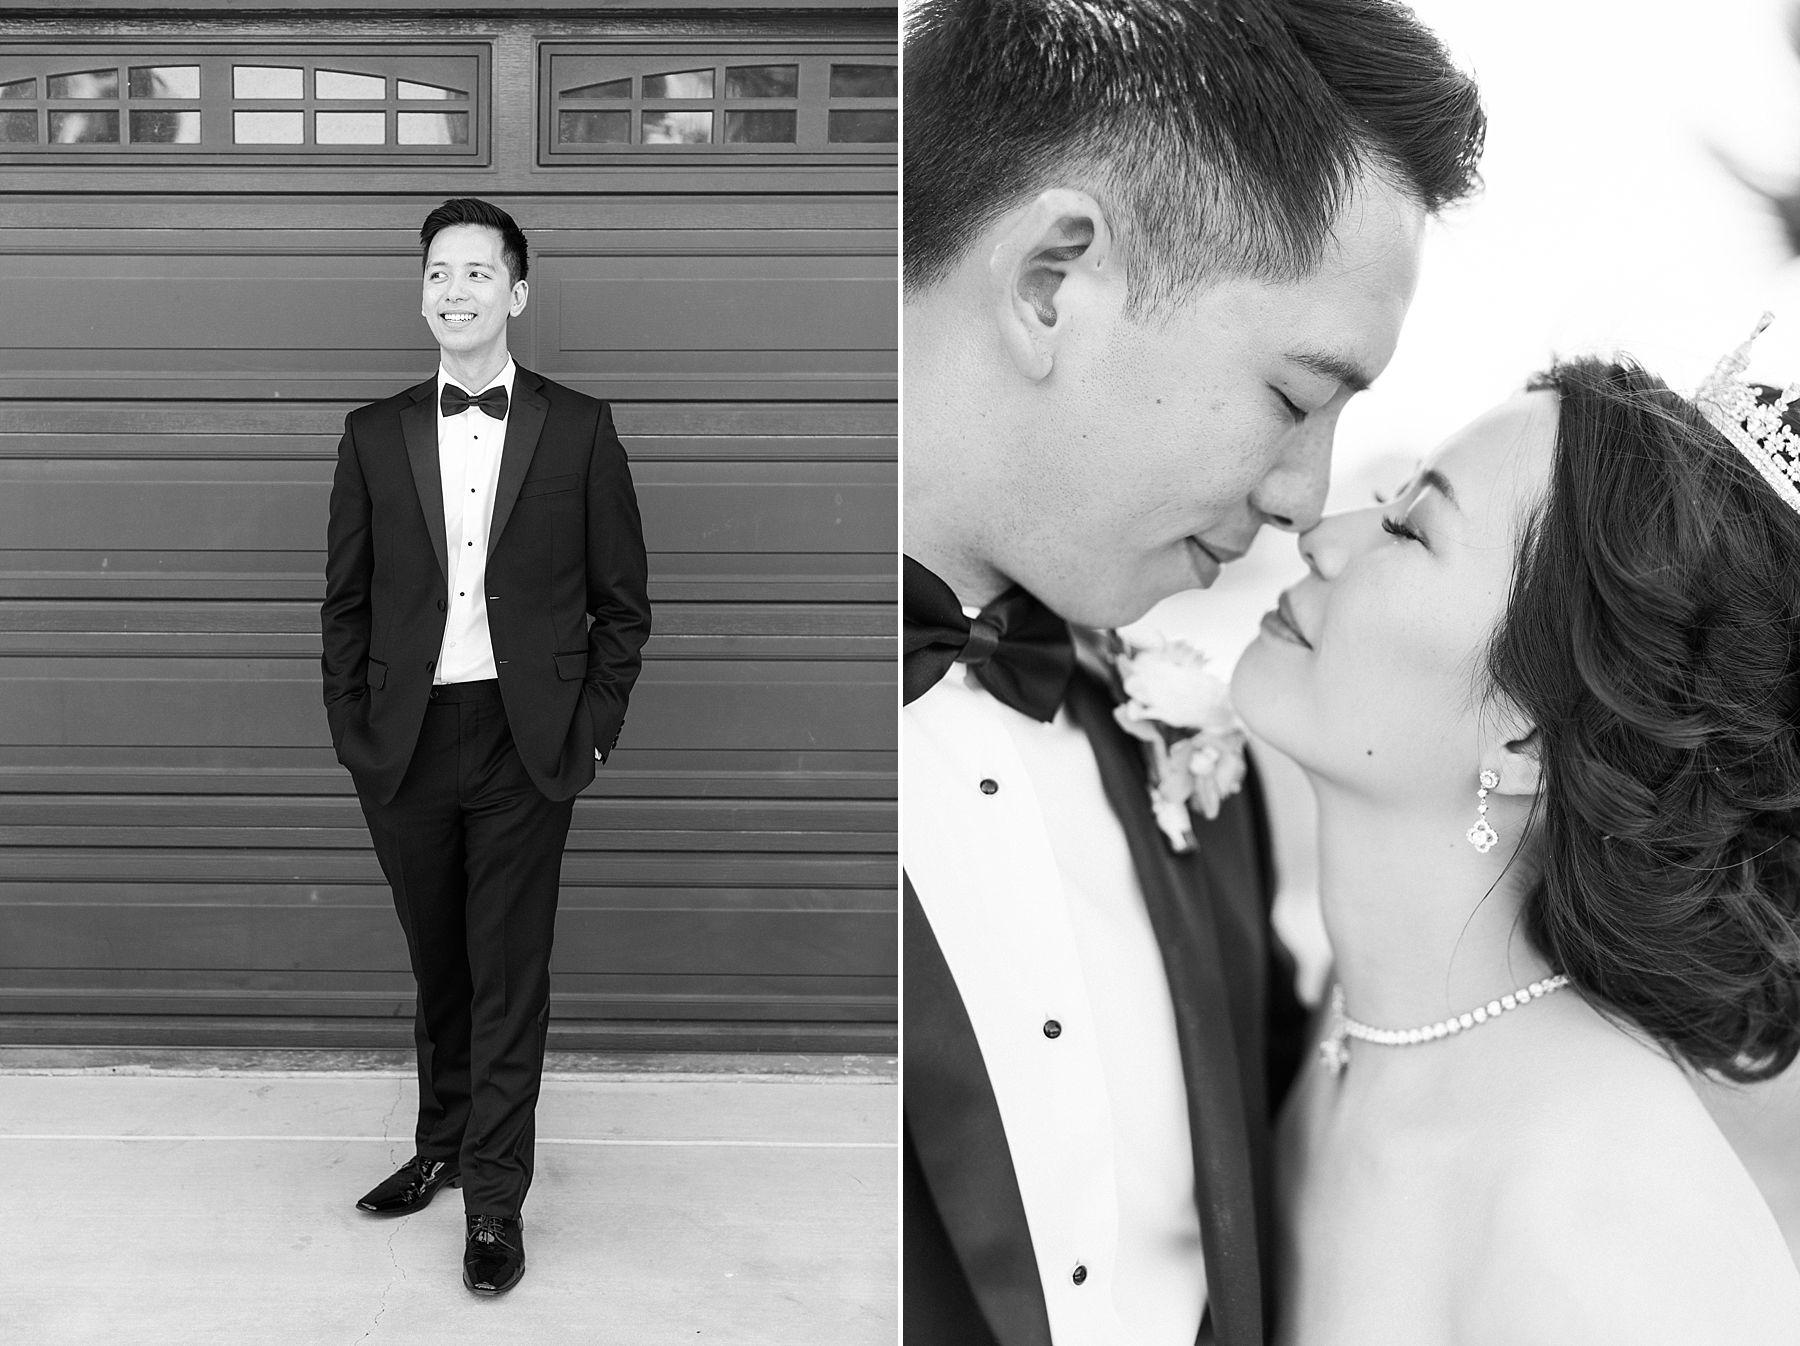 Newberry Estate Vineyards Wedding - Ashley Baumgartner - Jasmine and Johhny - Bay Area Wedding Photographer - Sacramento Wedding Photographer_0019.jpg